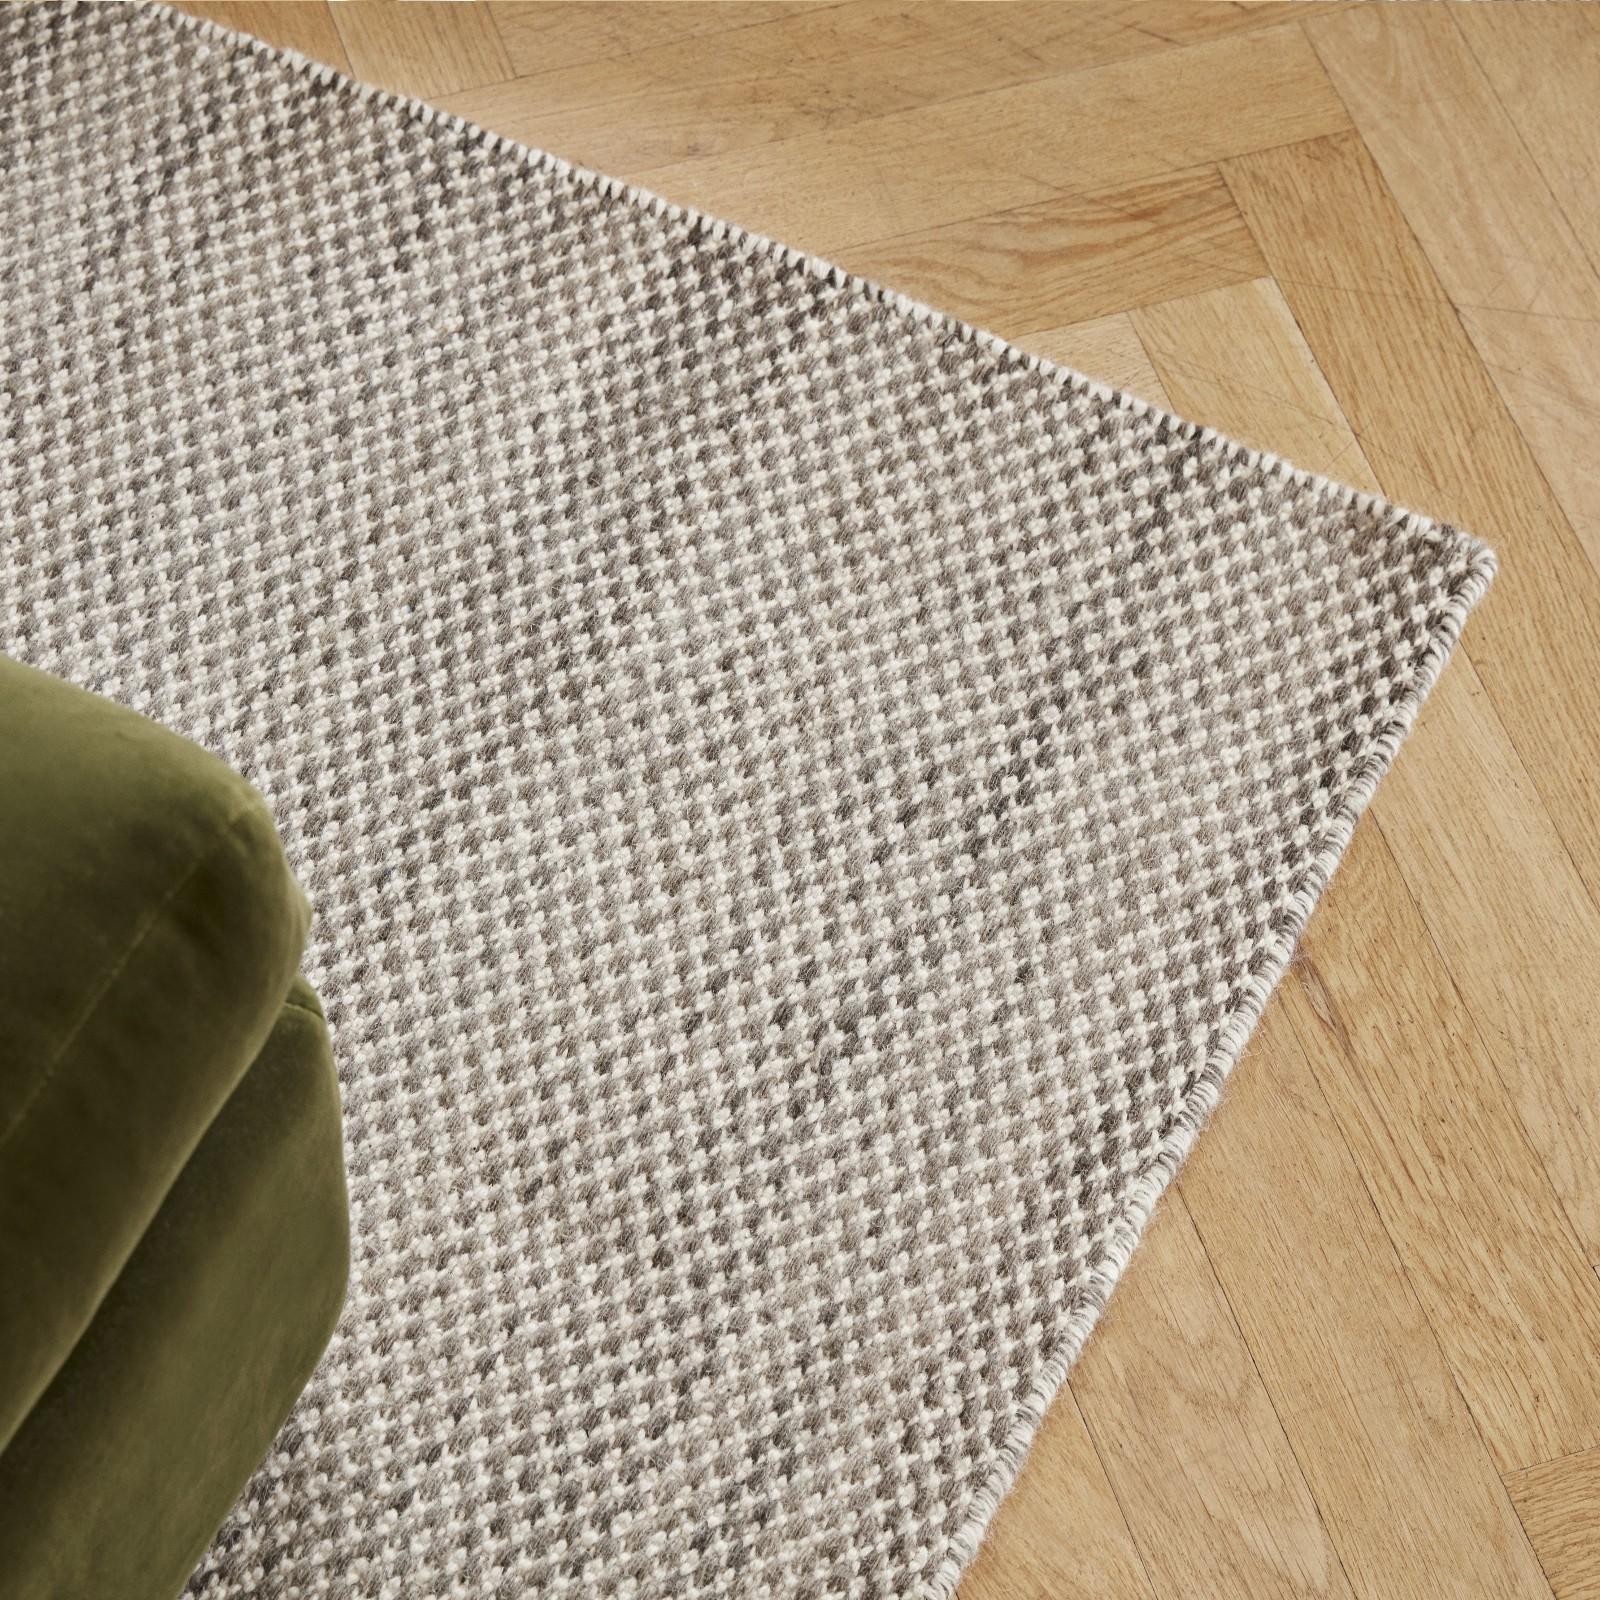 Full Size of Steinteppich Bad Teppich Küche Schlafzimmer Wohnzimmer Teppiche Esstisch Badezimmer Für Wohnzimmer Teppich 300x400